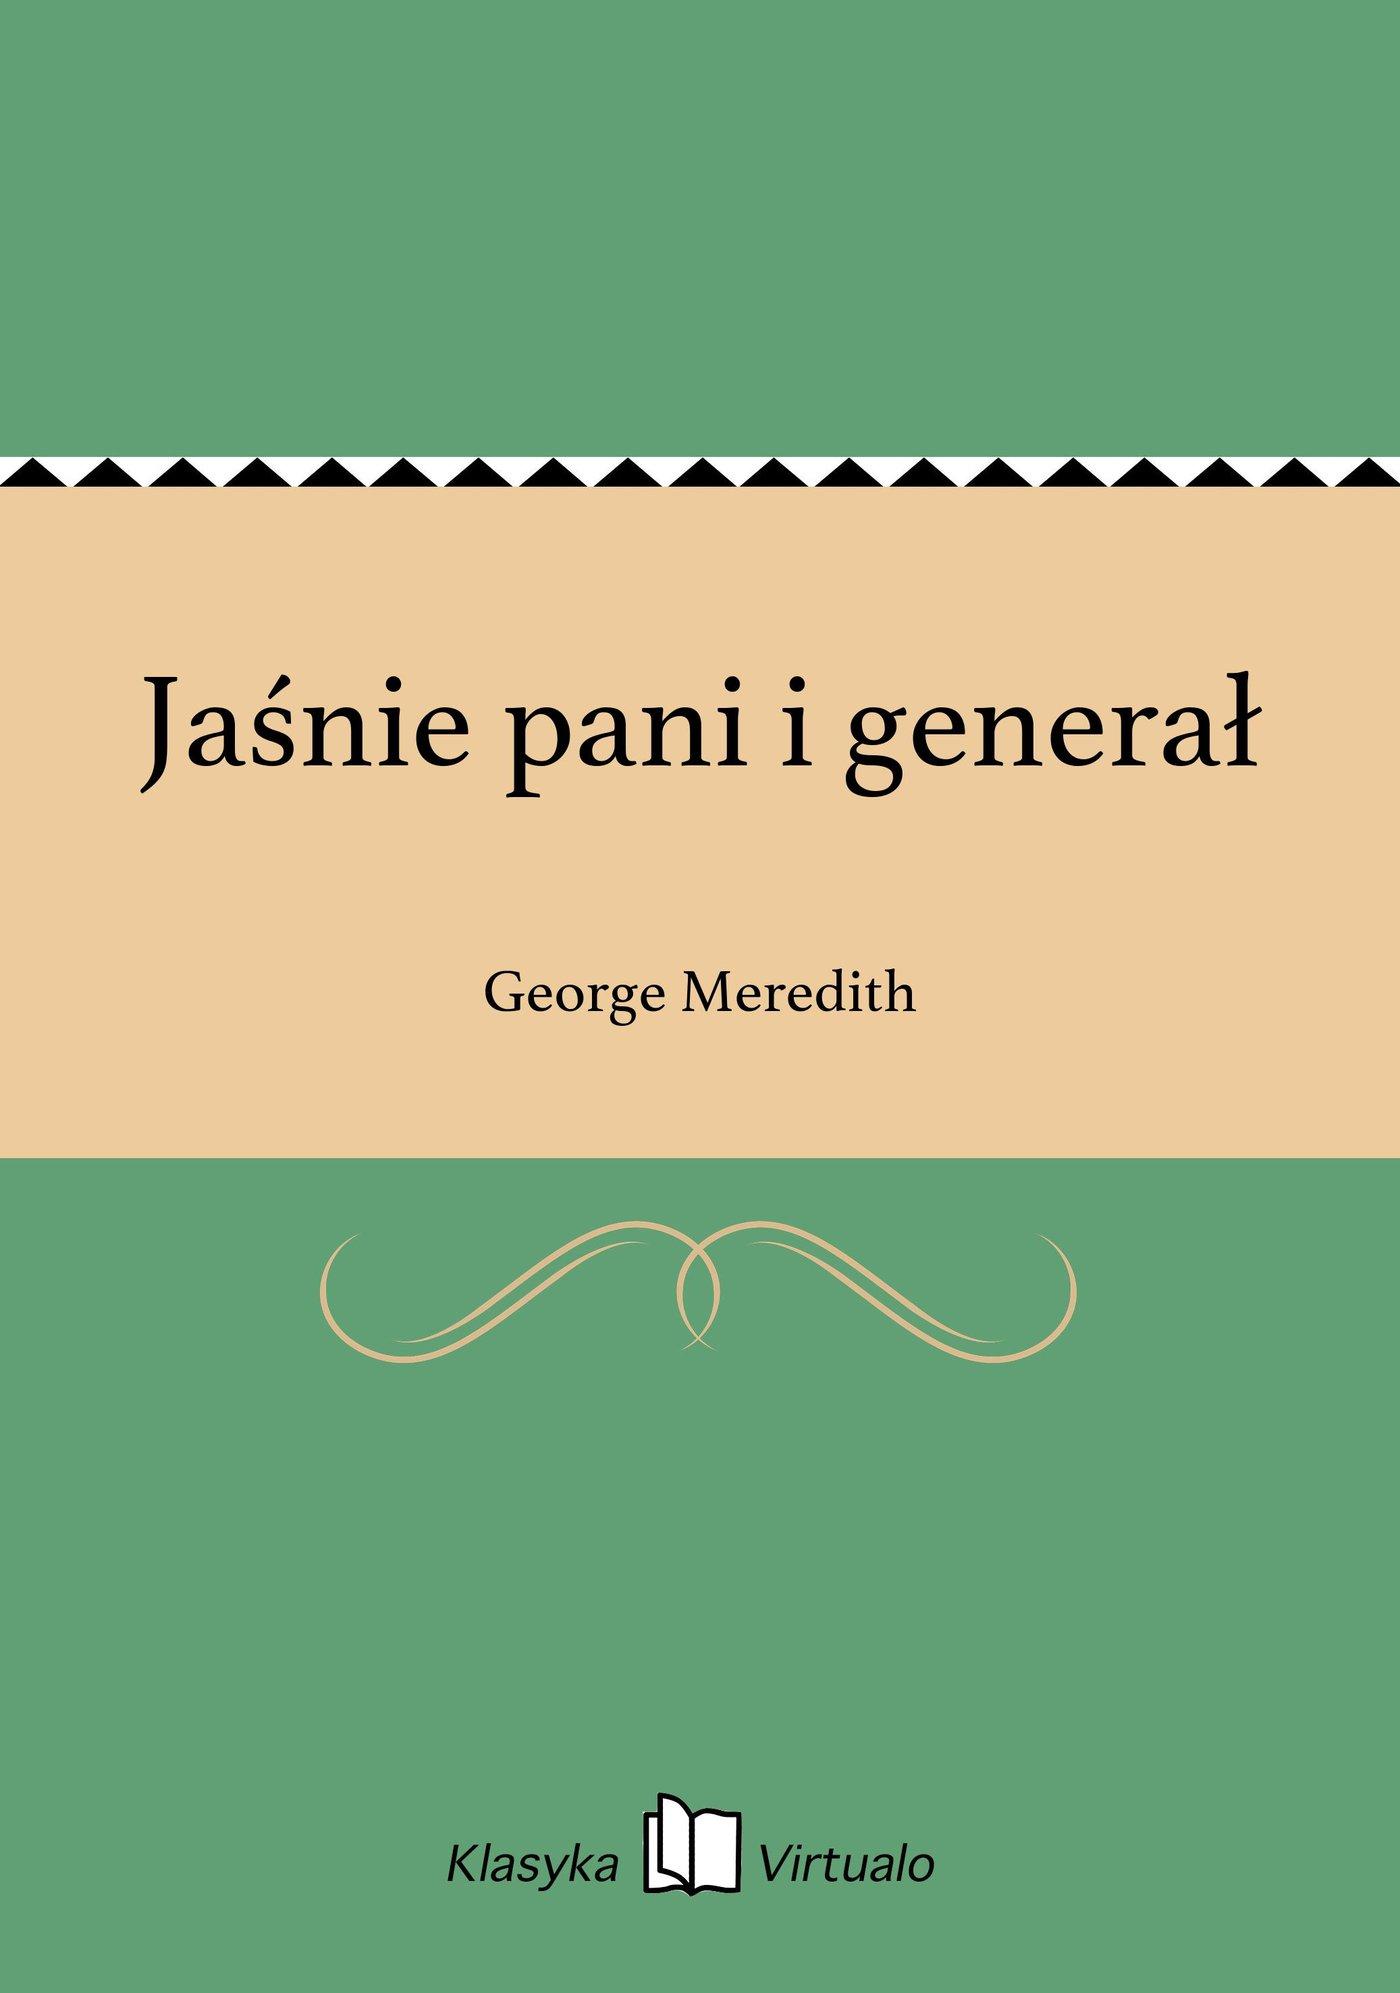 Jaśnie pani i generał - Ebook (Książka na Kindle) do pobrania w formacie MOBI